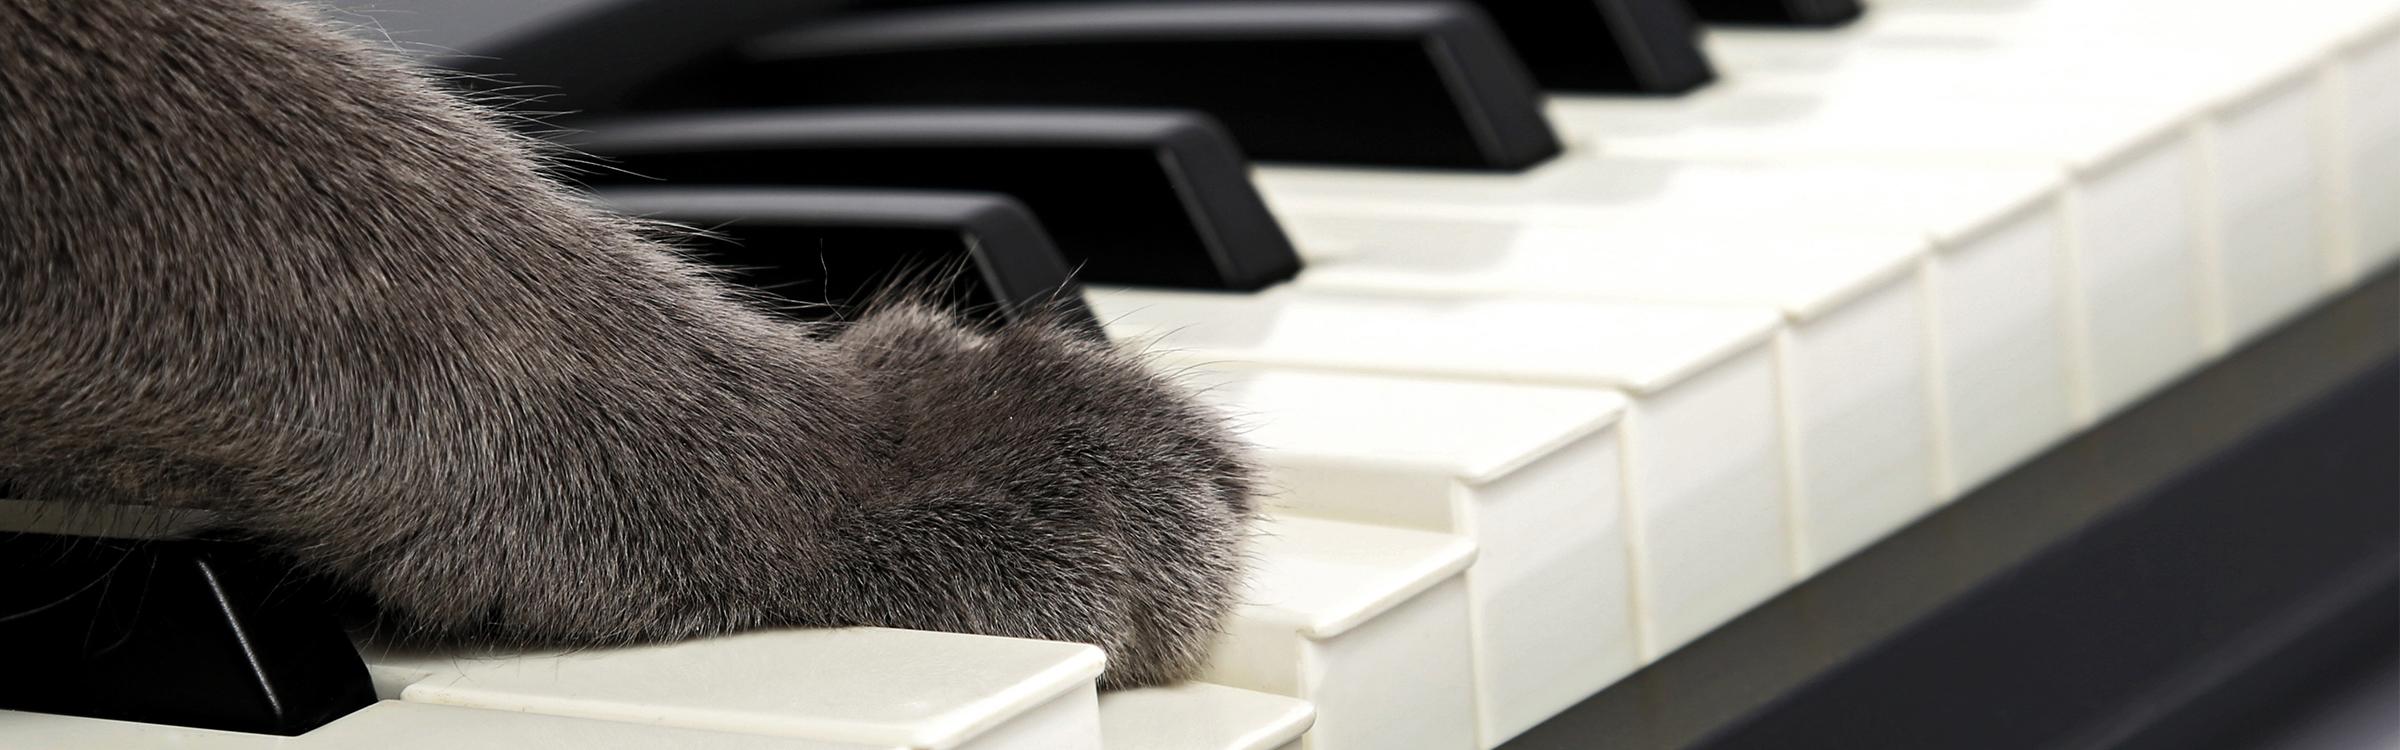 Kattenmuziek header